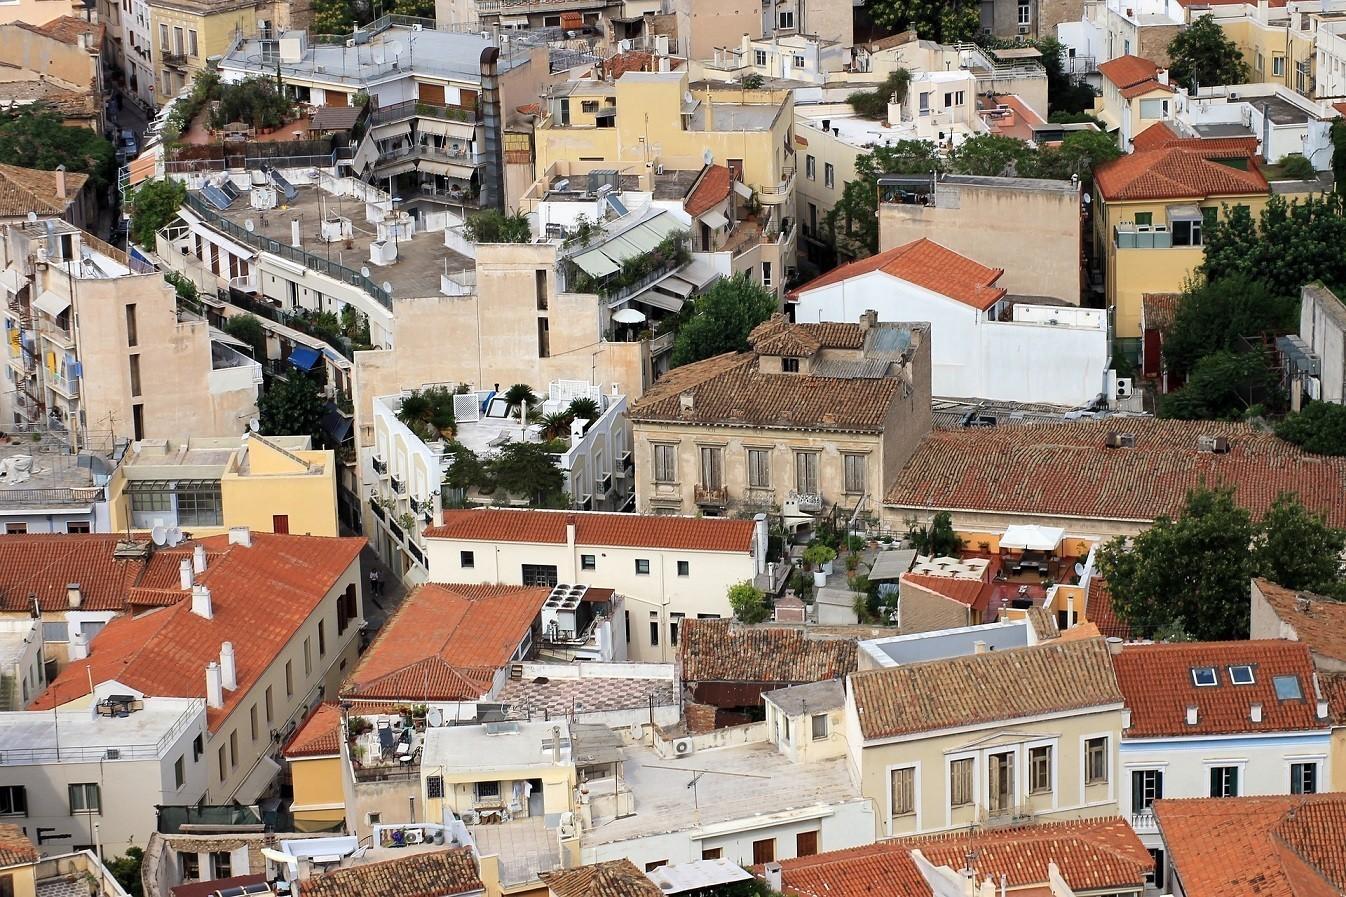 Πώς προβλέπεται να κινηθούν οι τιμές των κατοικιών στην Ελλάδα – Ποιες είναι οι νέες τάσεις